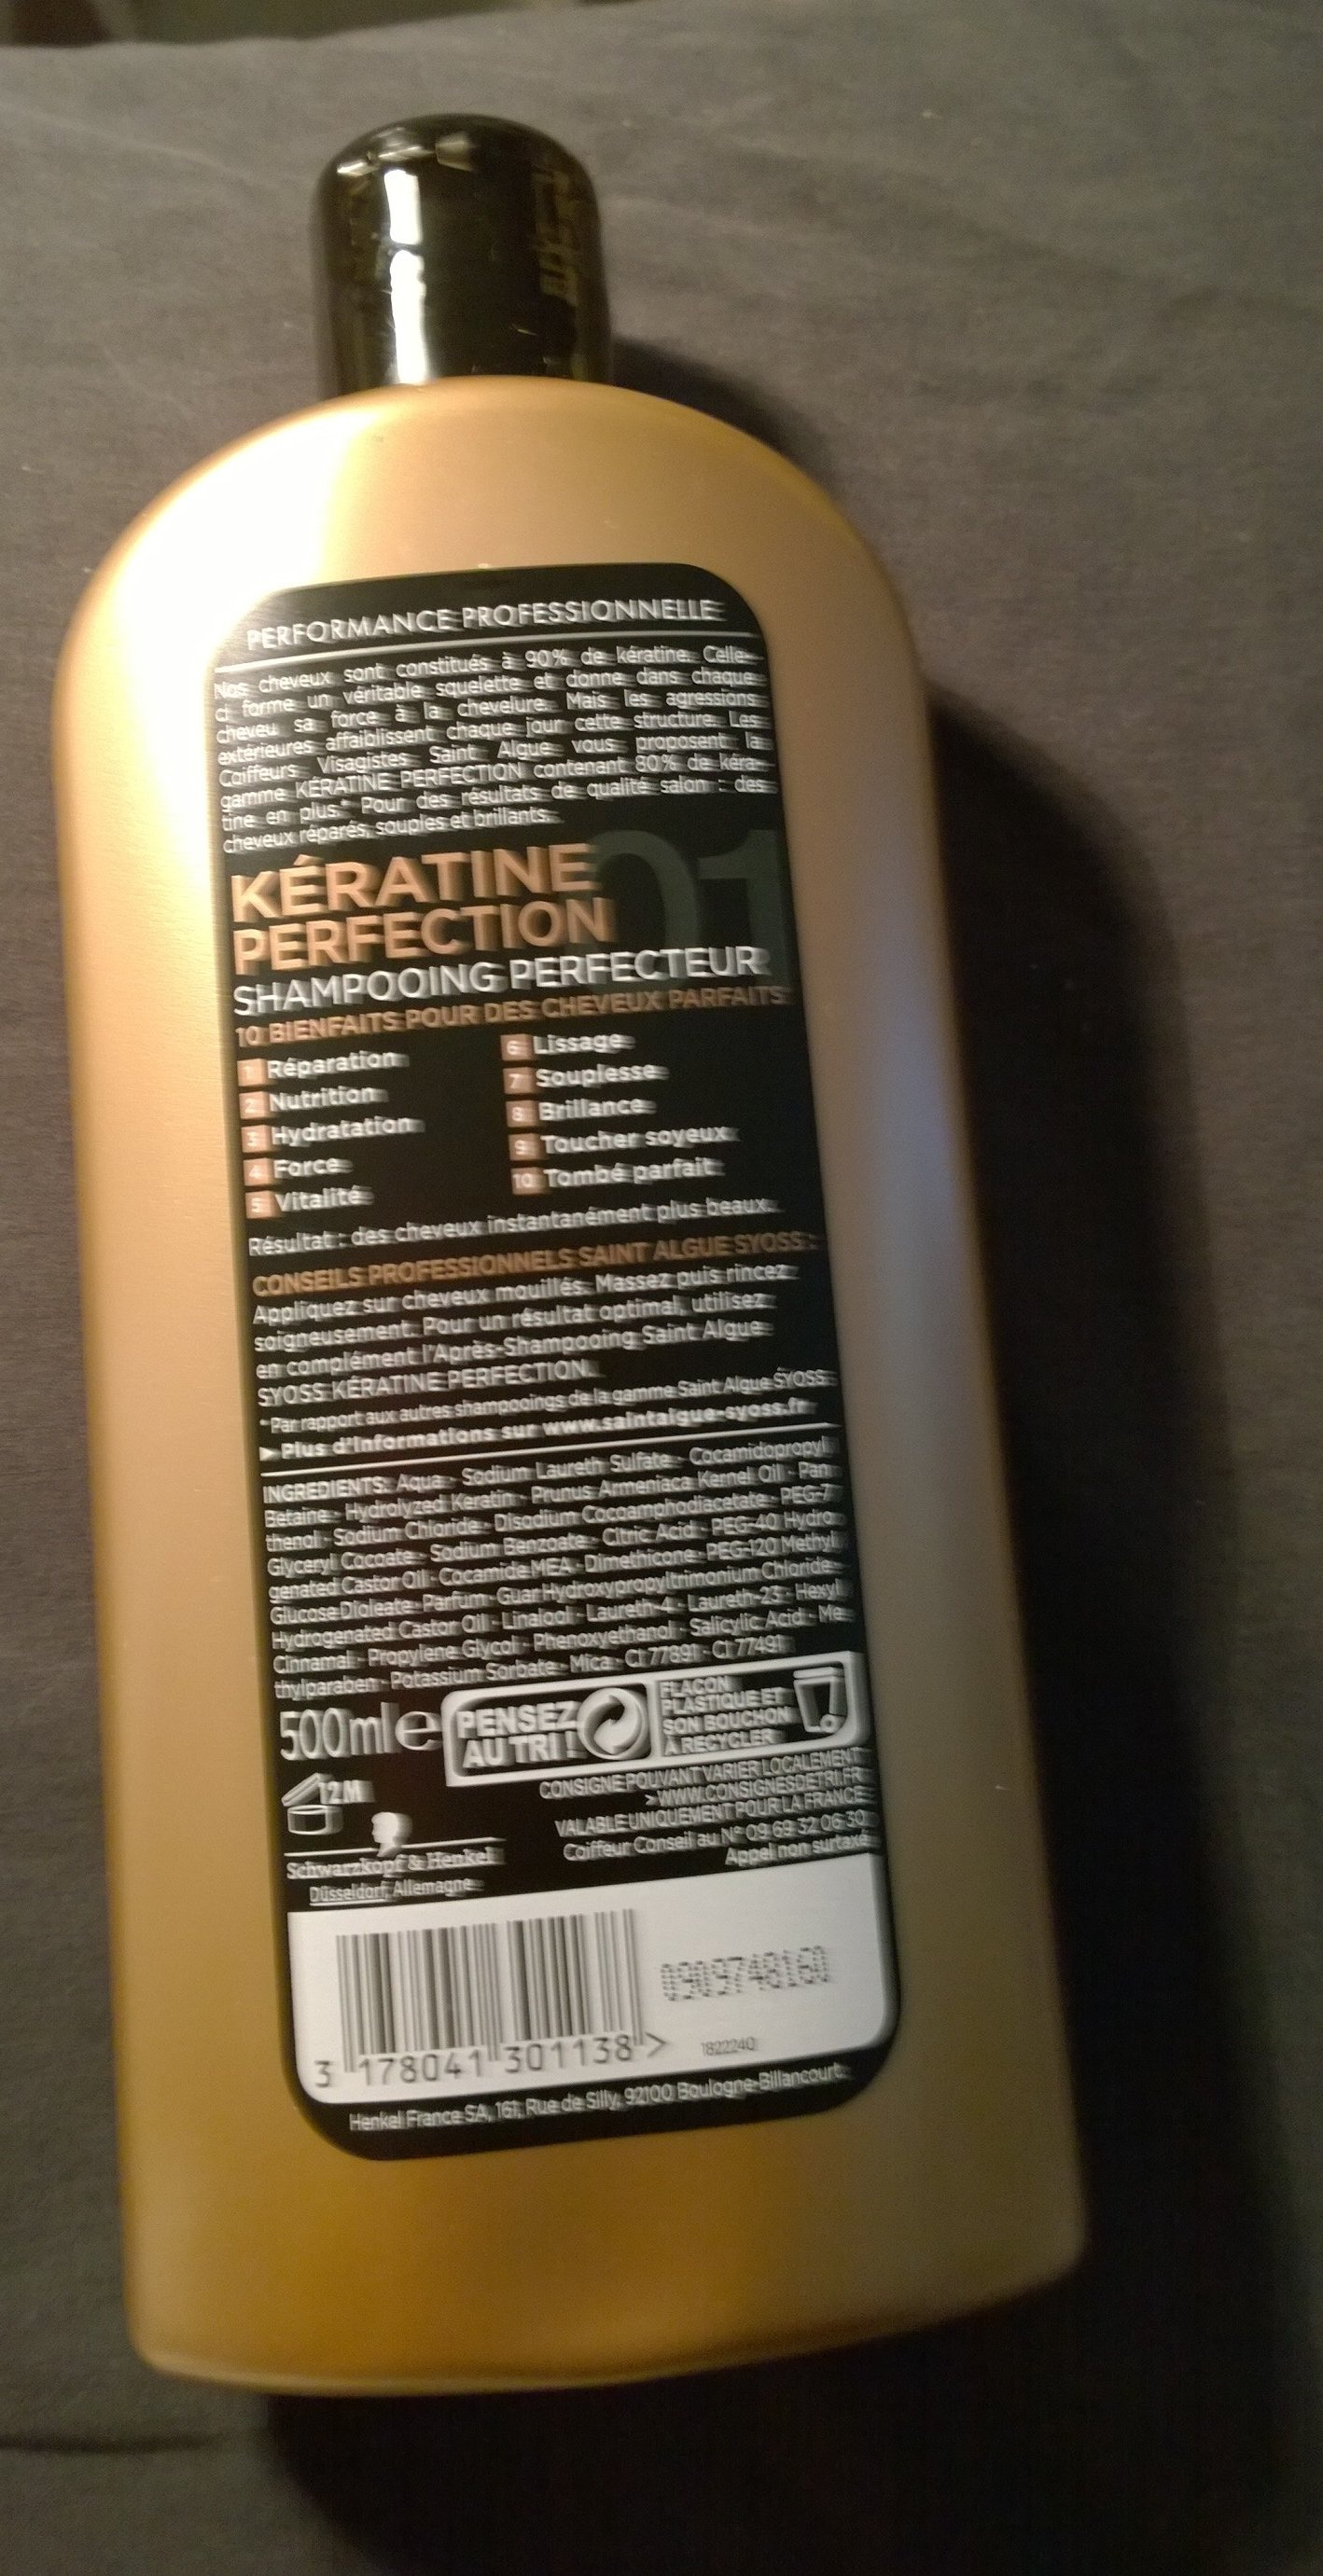 Shampooing Perfecteur - Kératine Perfection de Saint Algue Syoss